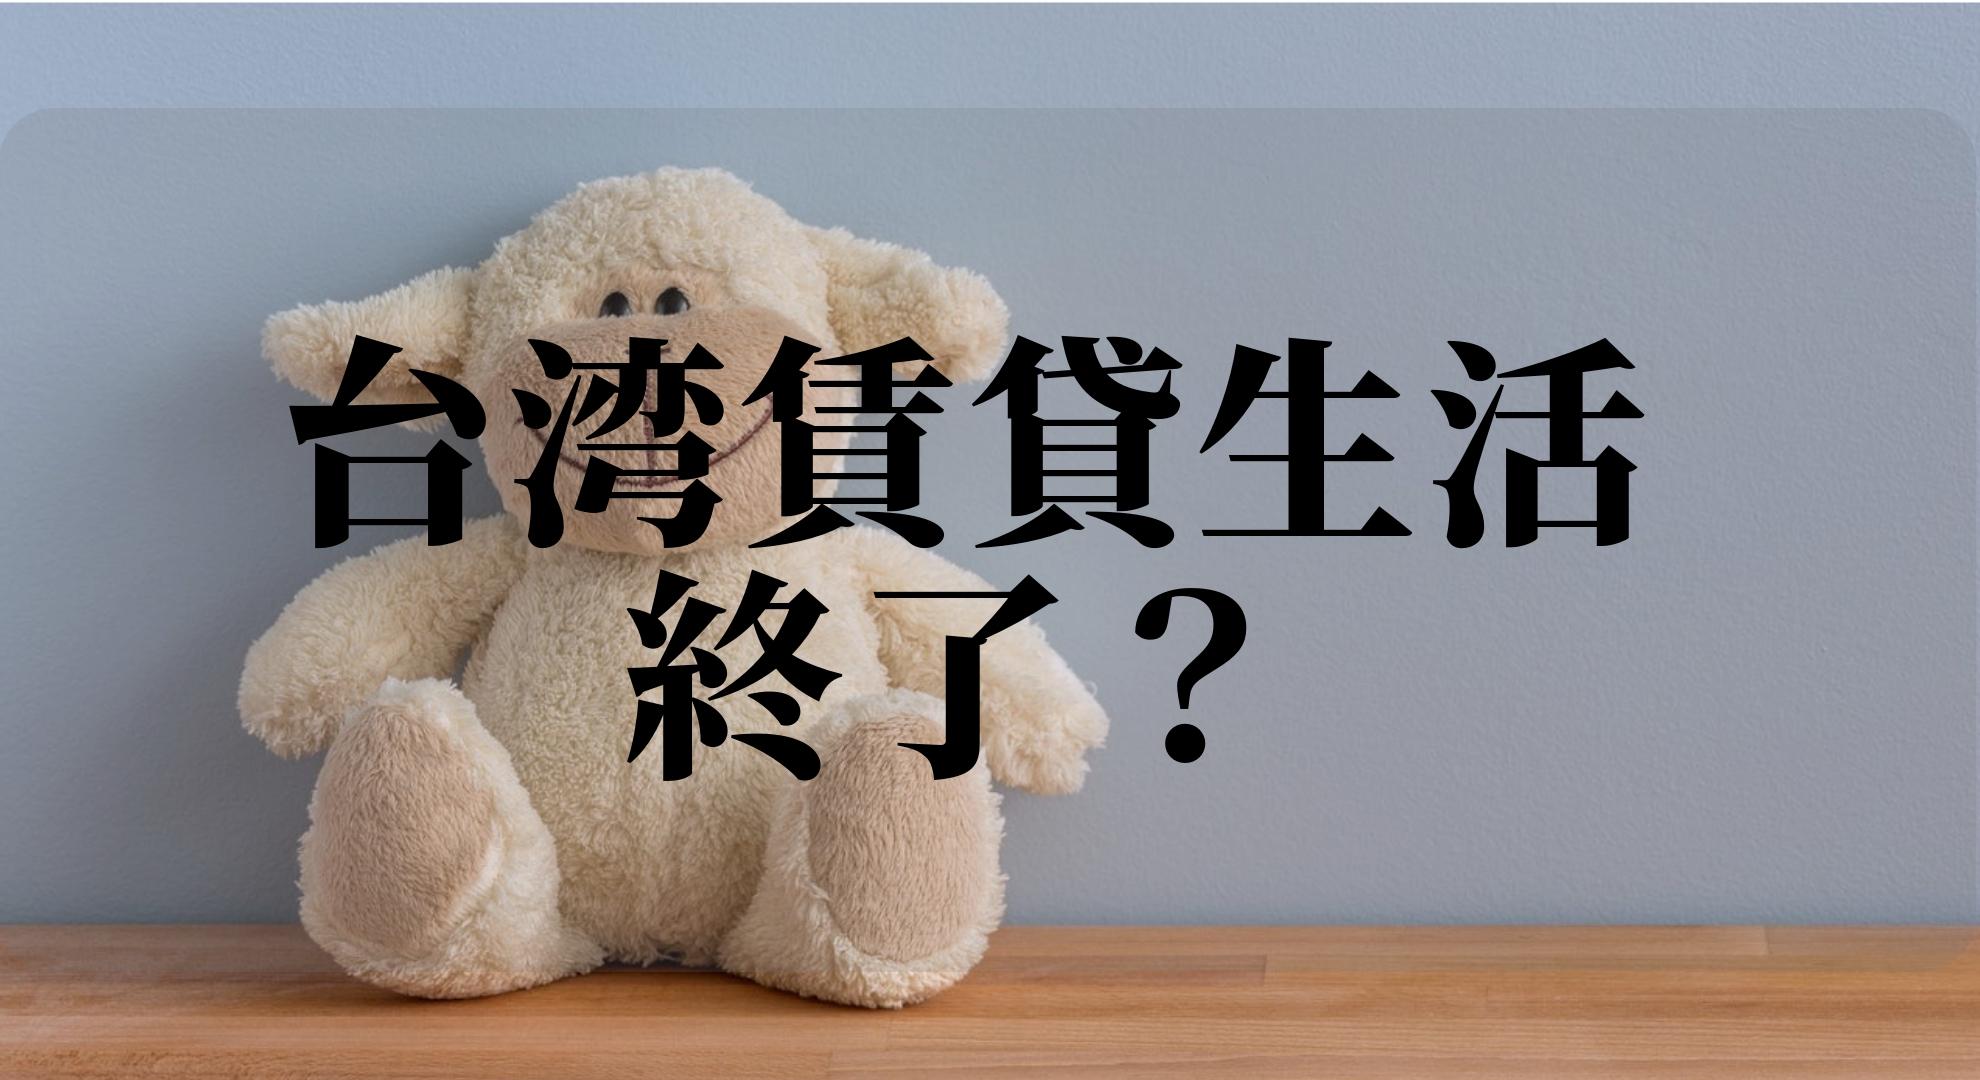 底辺セミリタイア台湾賃貸生活終了。cubおじさん台湾で家を買う?